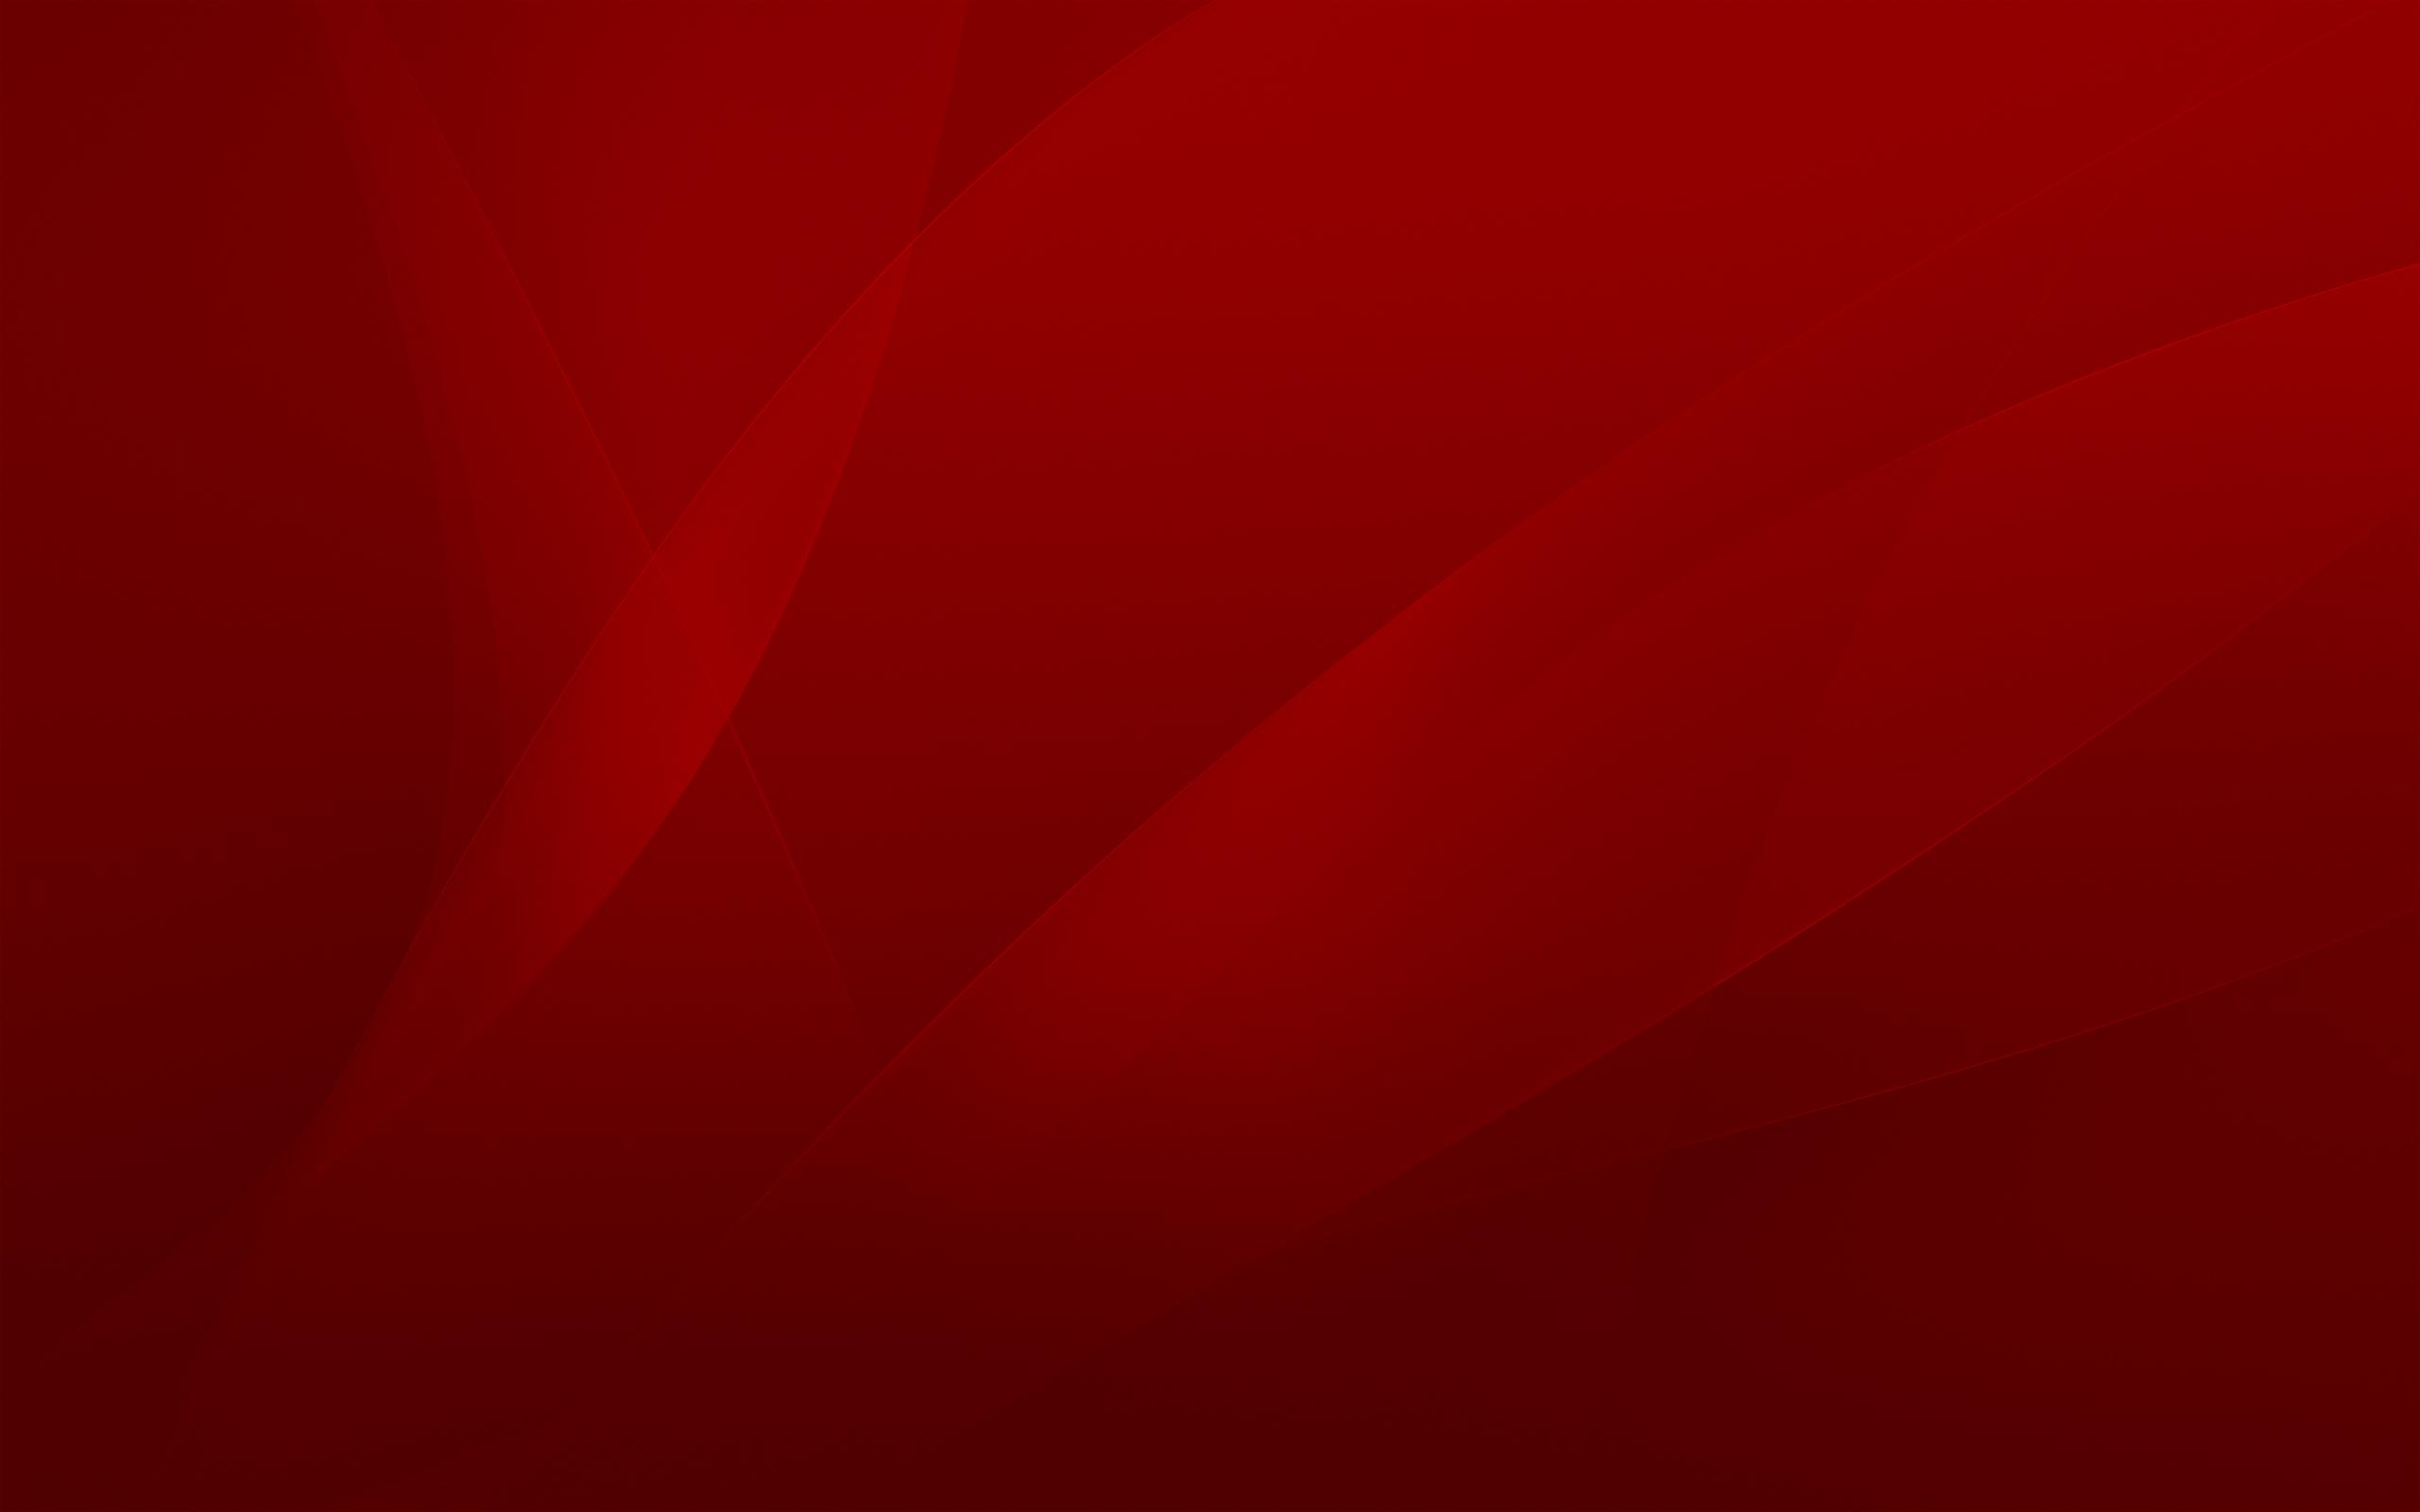 Красный фон картинка без ничего